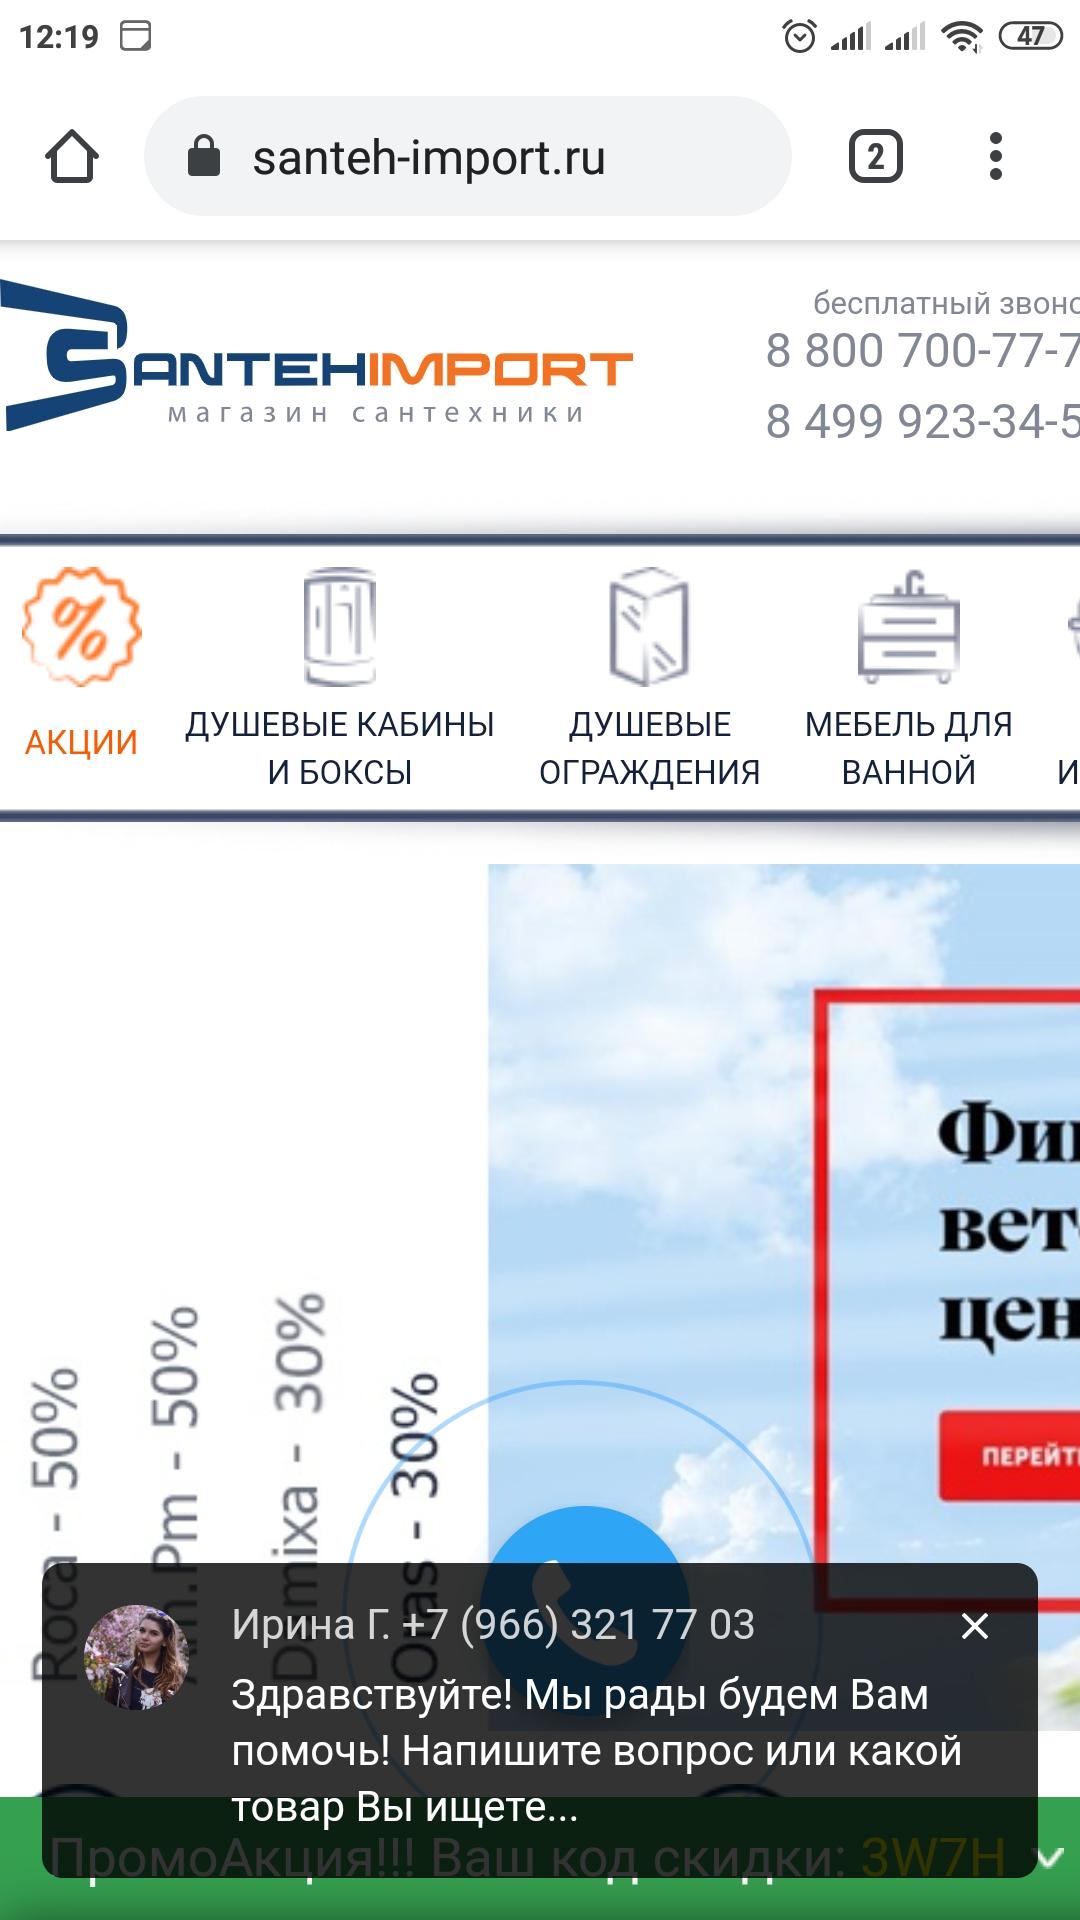 Редизайн-интернет-магазина. Мобильная версия